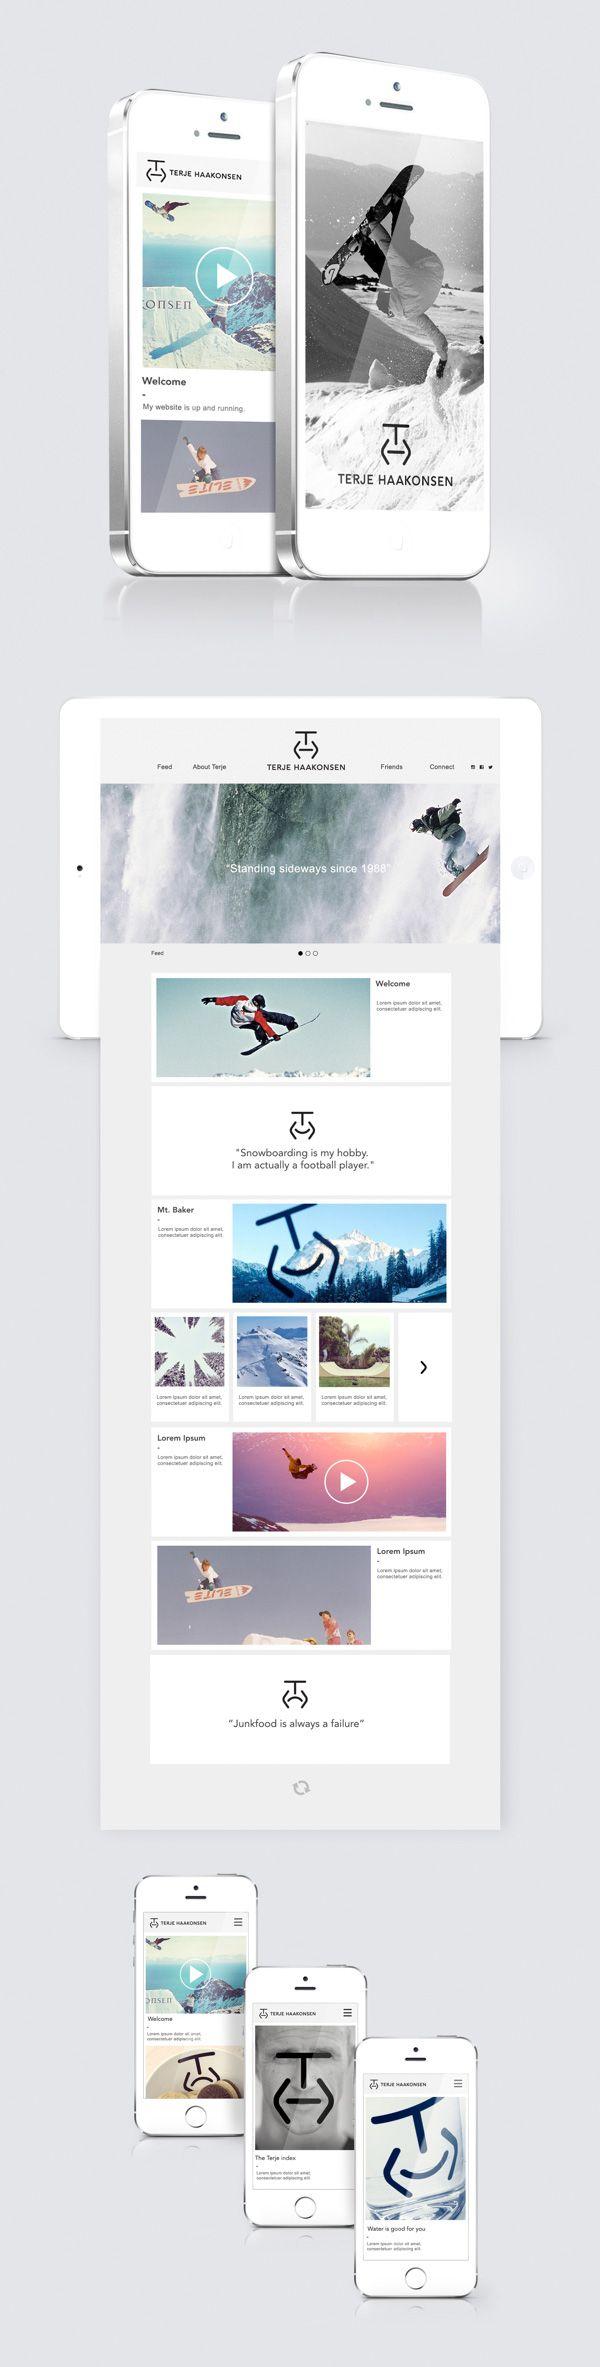 Las Tendencias Ultimate para la inspiración de interfaz de usuario: Animado Conceptos, menús, gráficos SVG y más